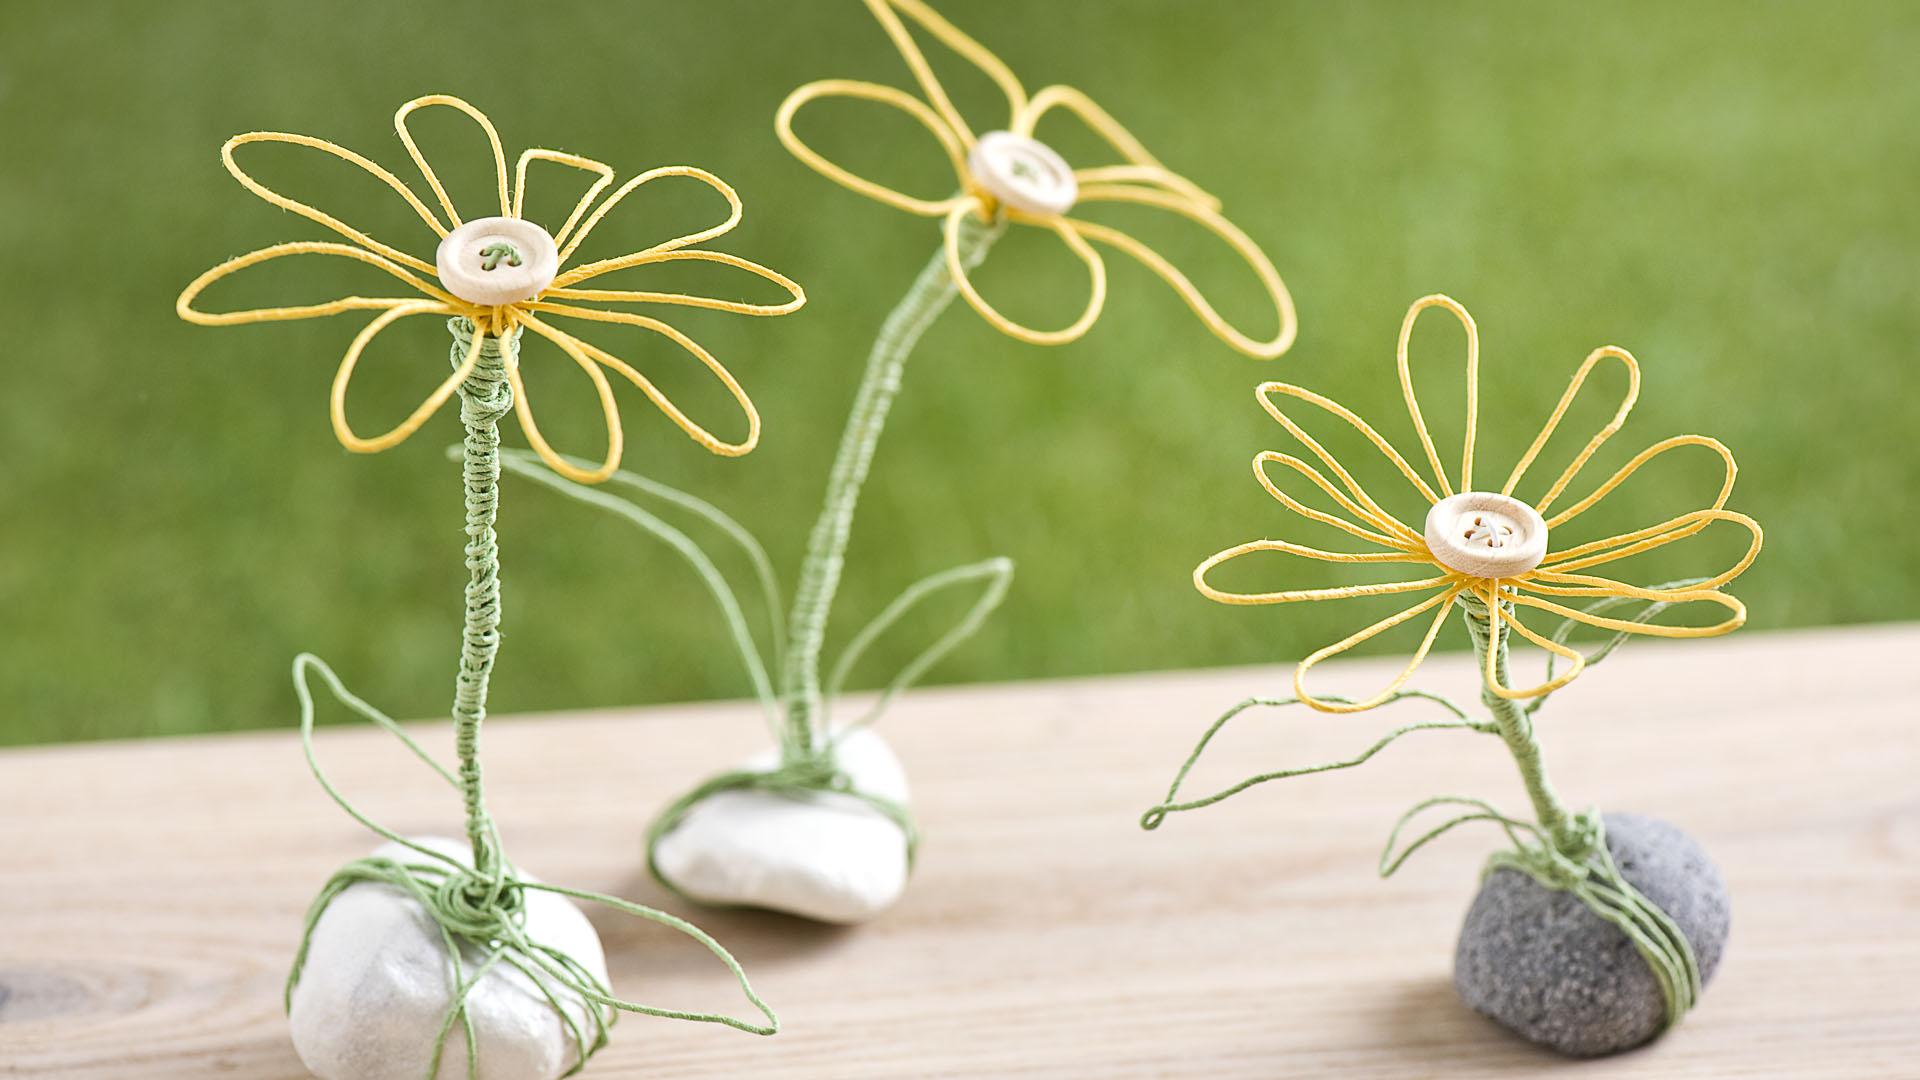 Ideen für Papierdraht: Dotterblumen